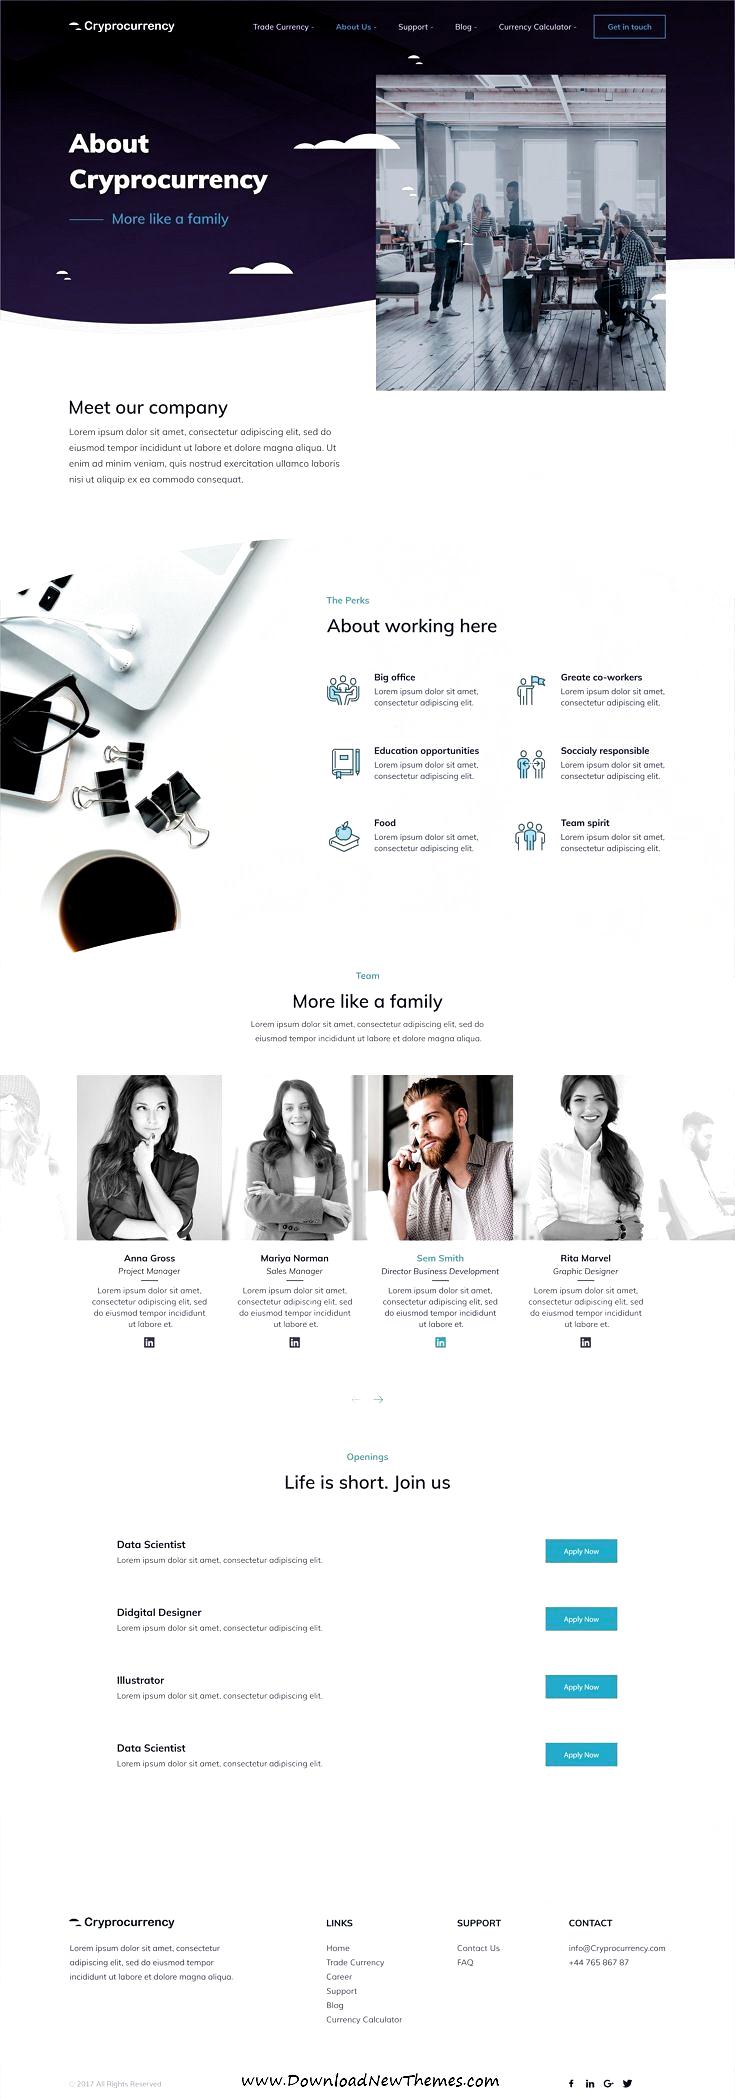 Pin Von Jenny Halmerbauer Auf Moleco In 2020 Design Web Webdesign Layouts Webdesign Angebote